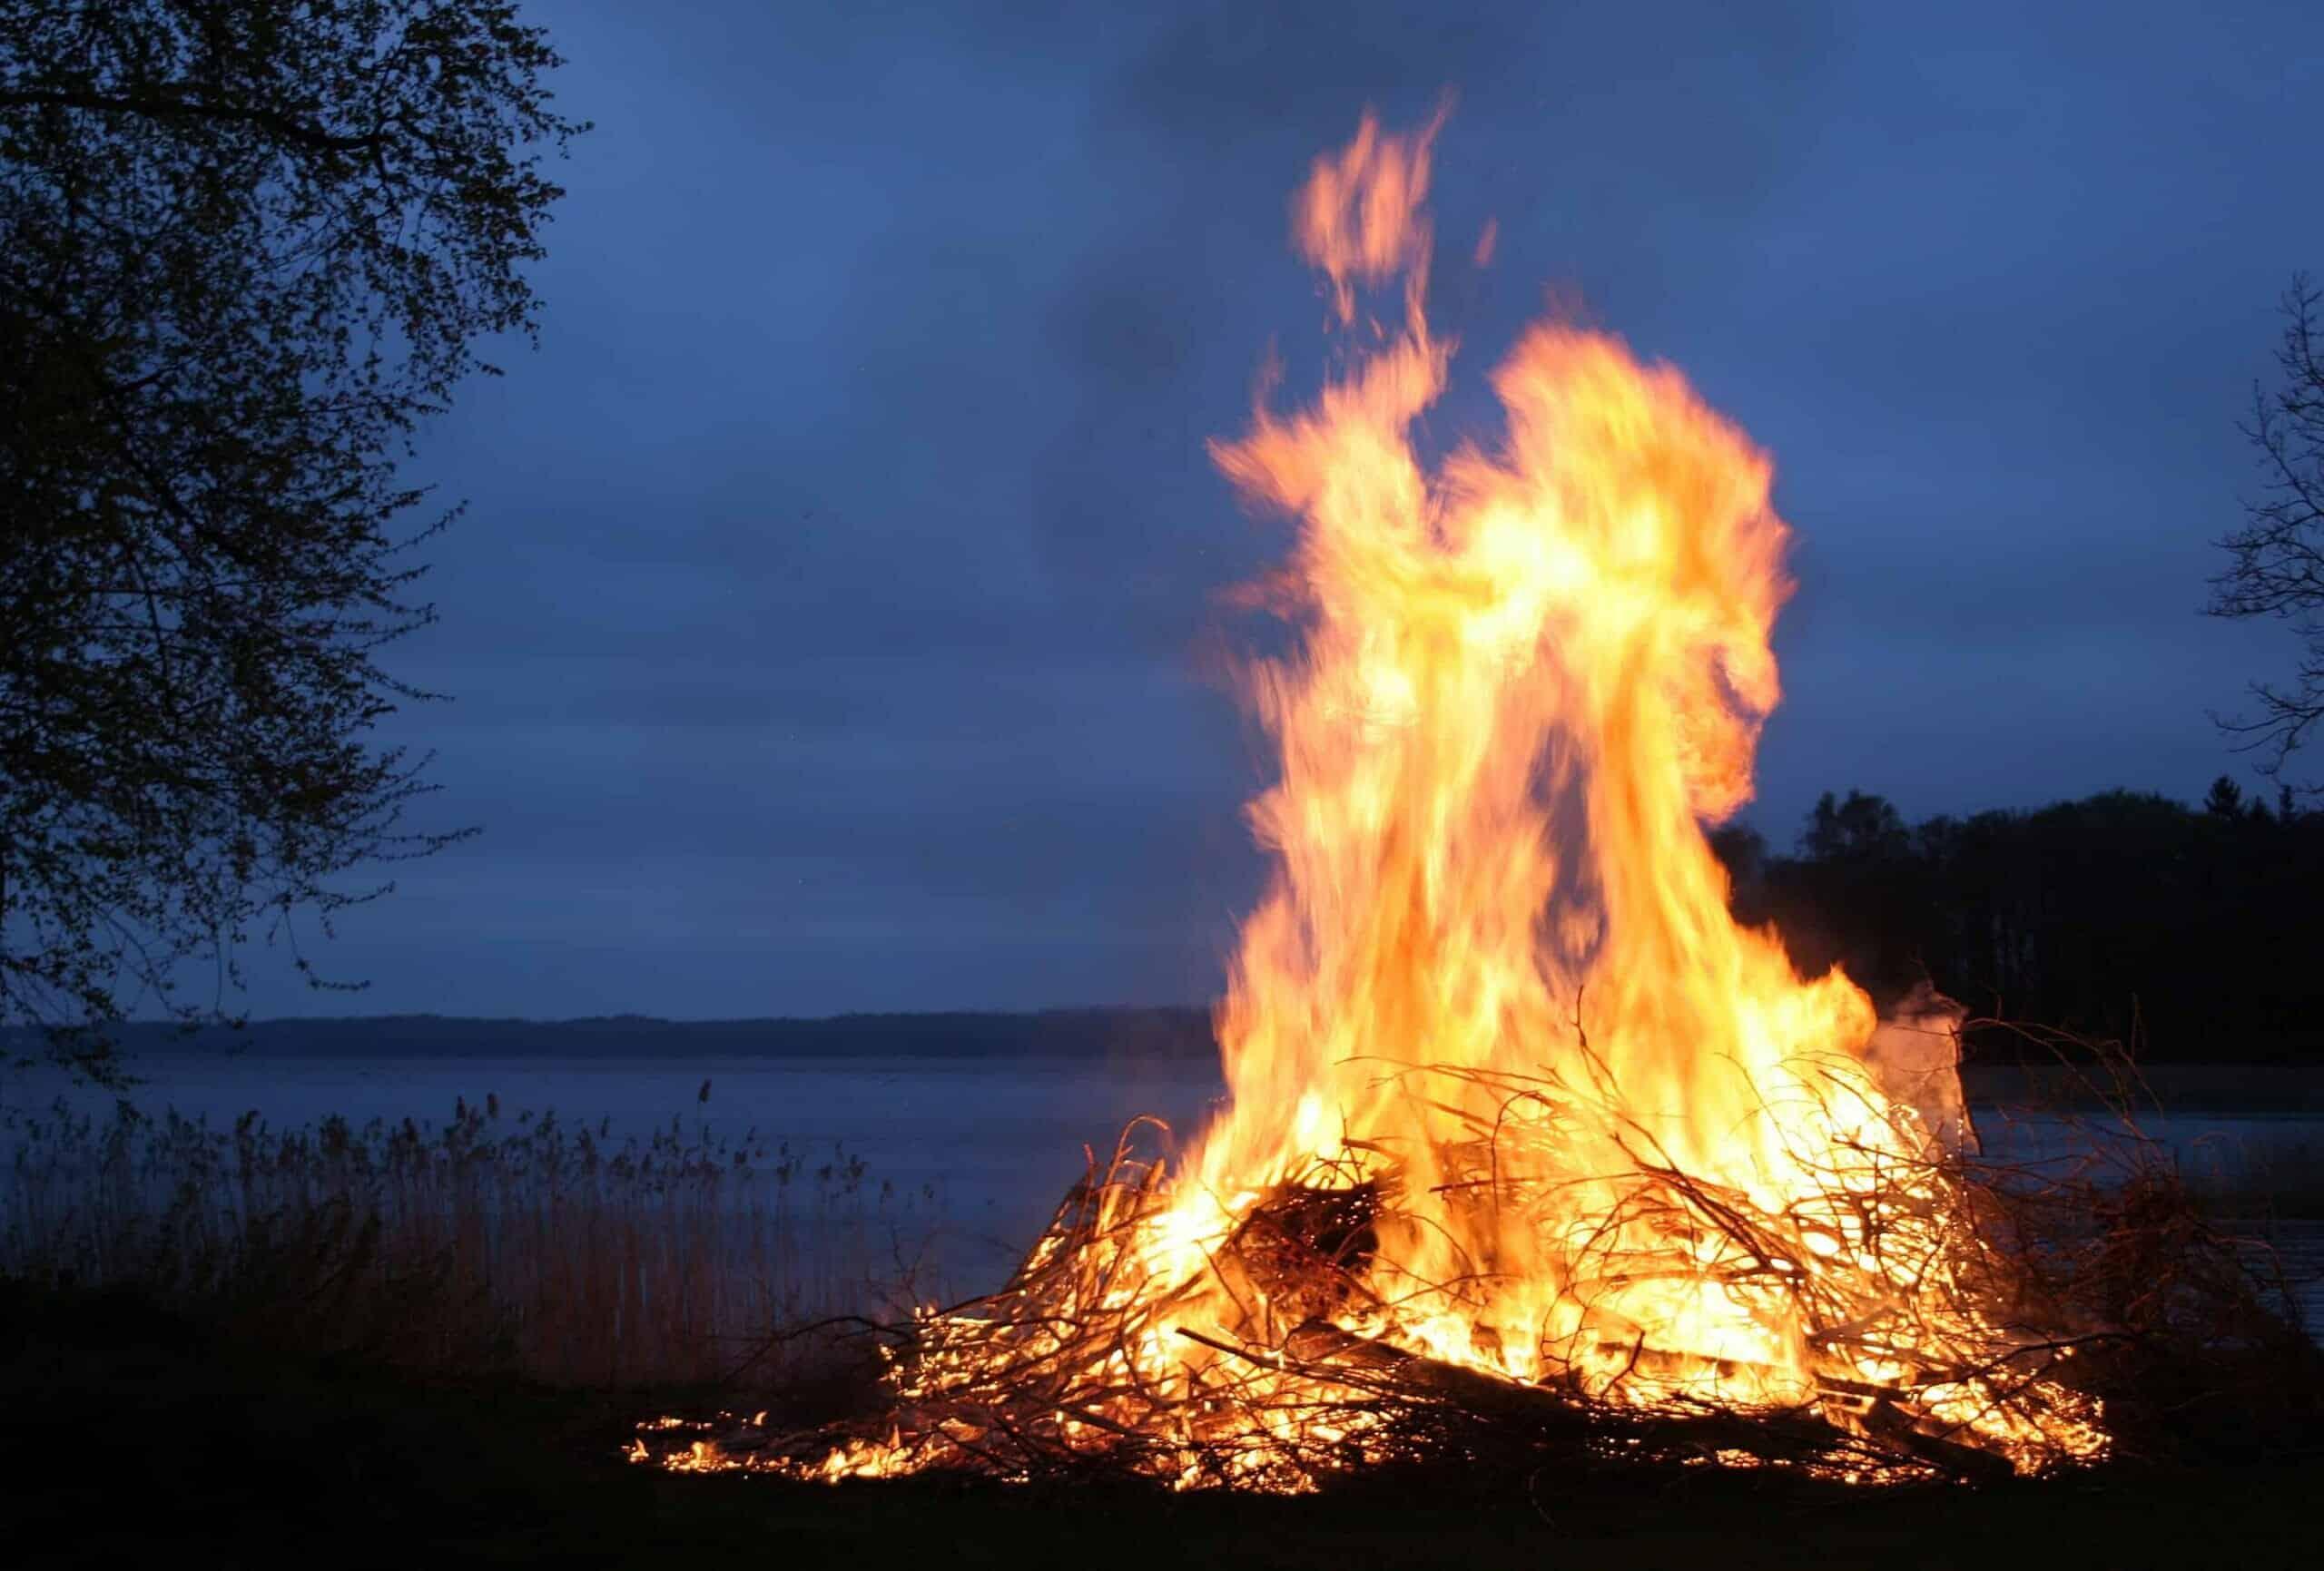 Informasjon om brenning av bål og innmelding